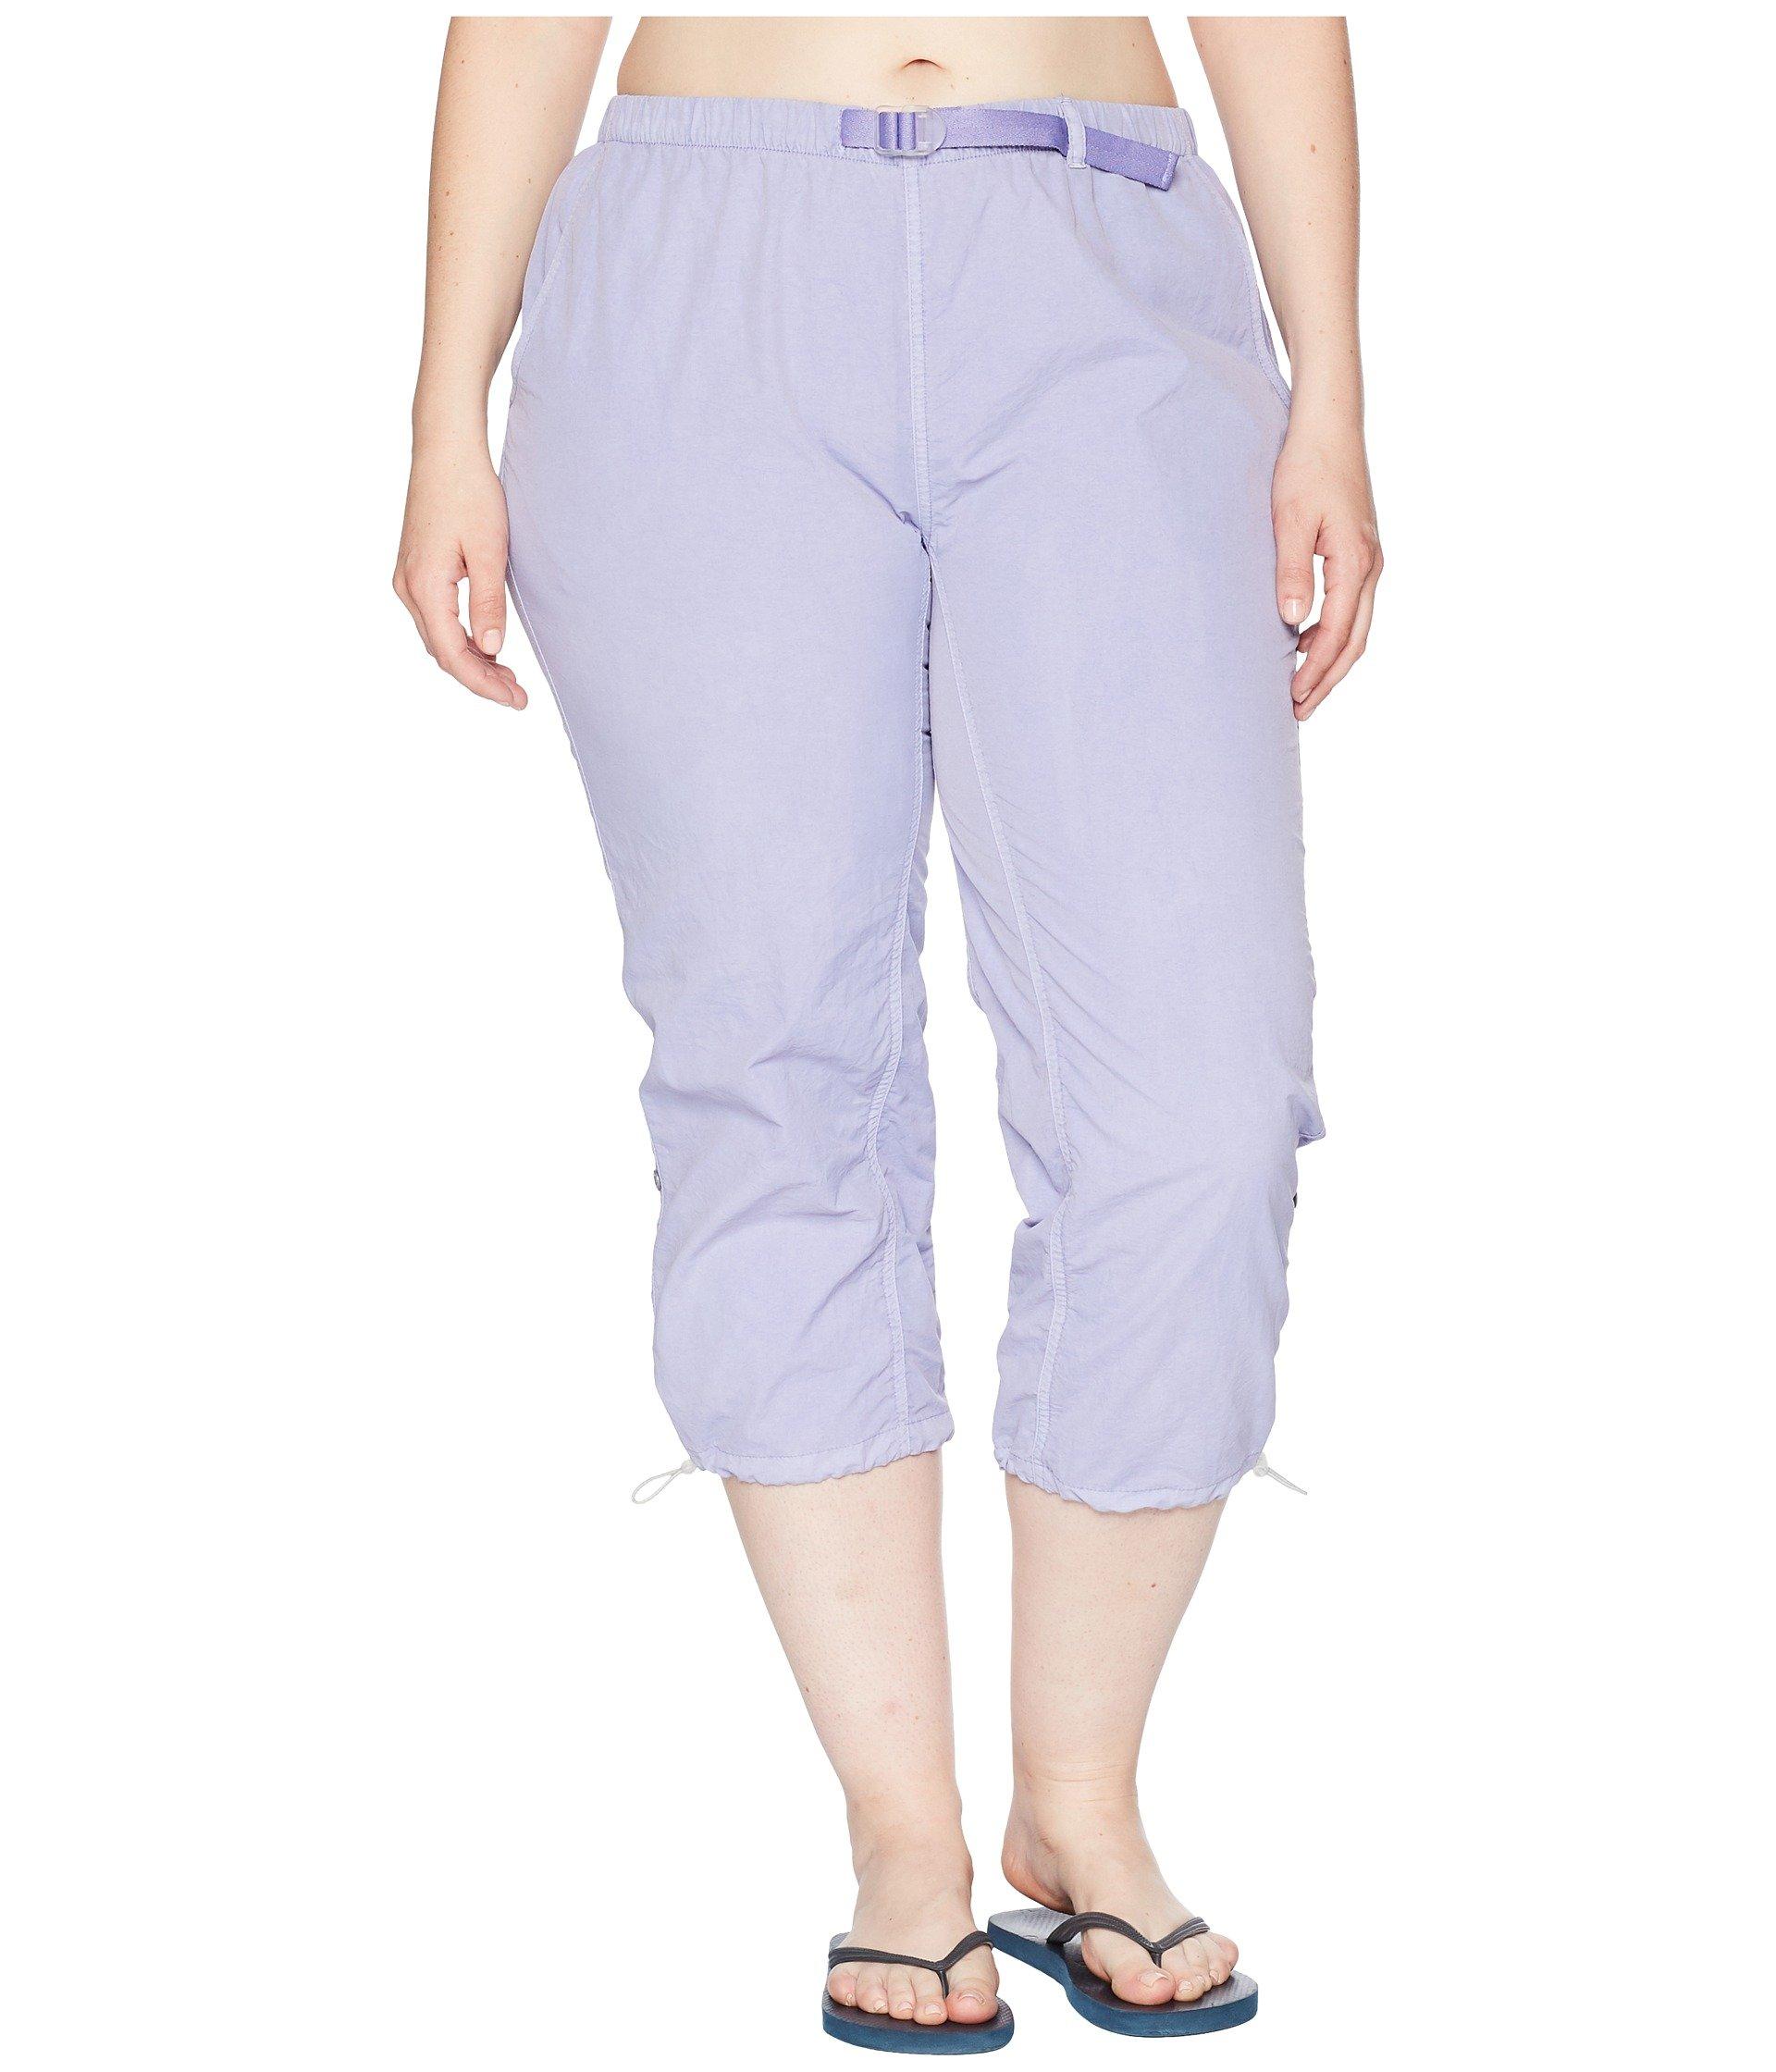 Pantalón para Mujer White Sierra Plus Size Lihue Capri  + White Sierra en VeoyCompro.net